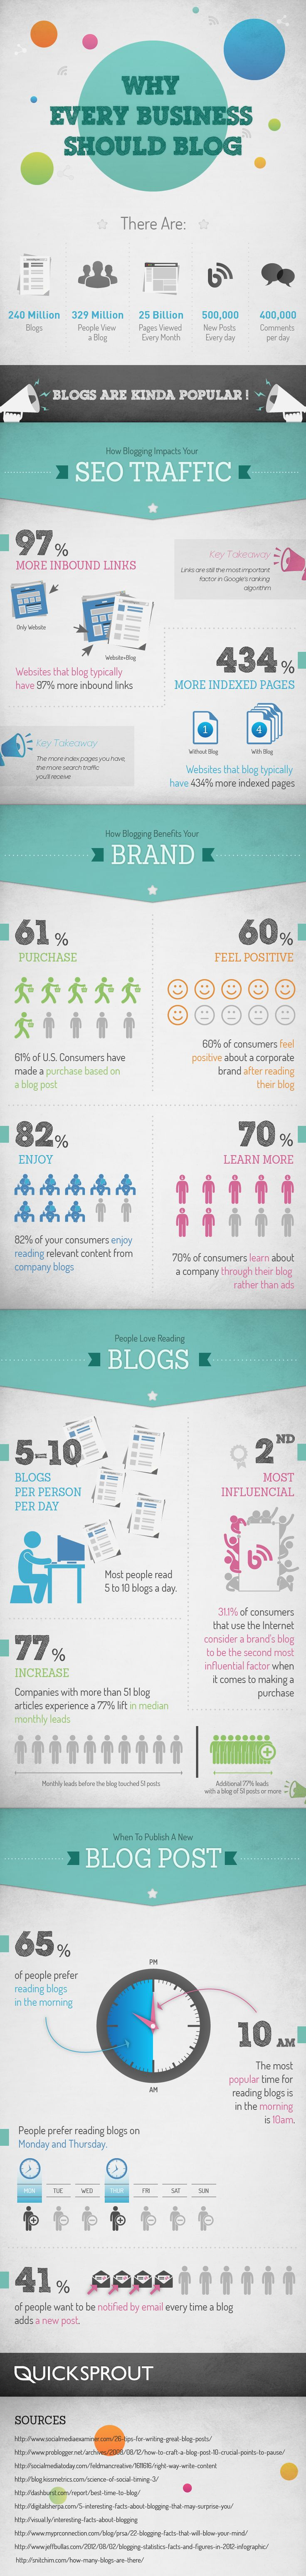 why startups should blog